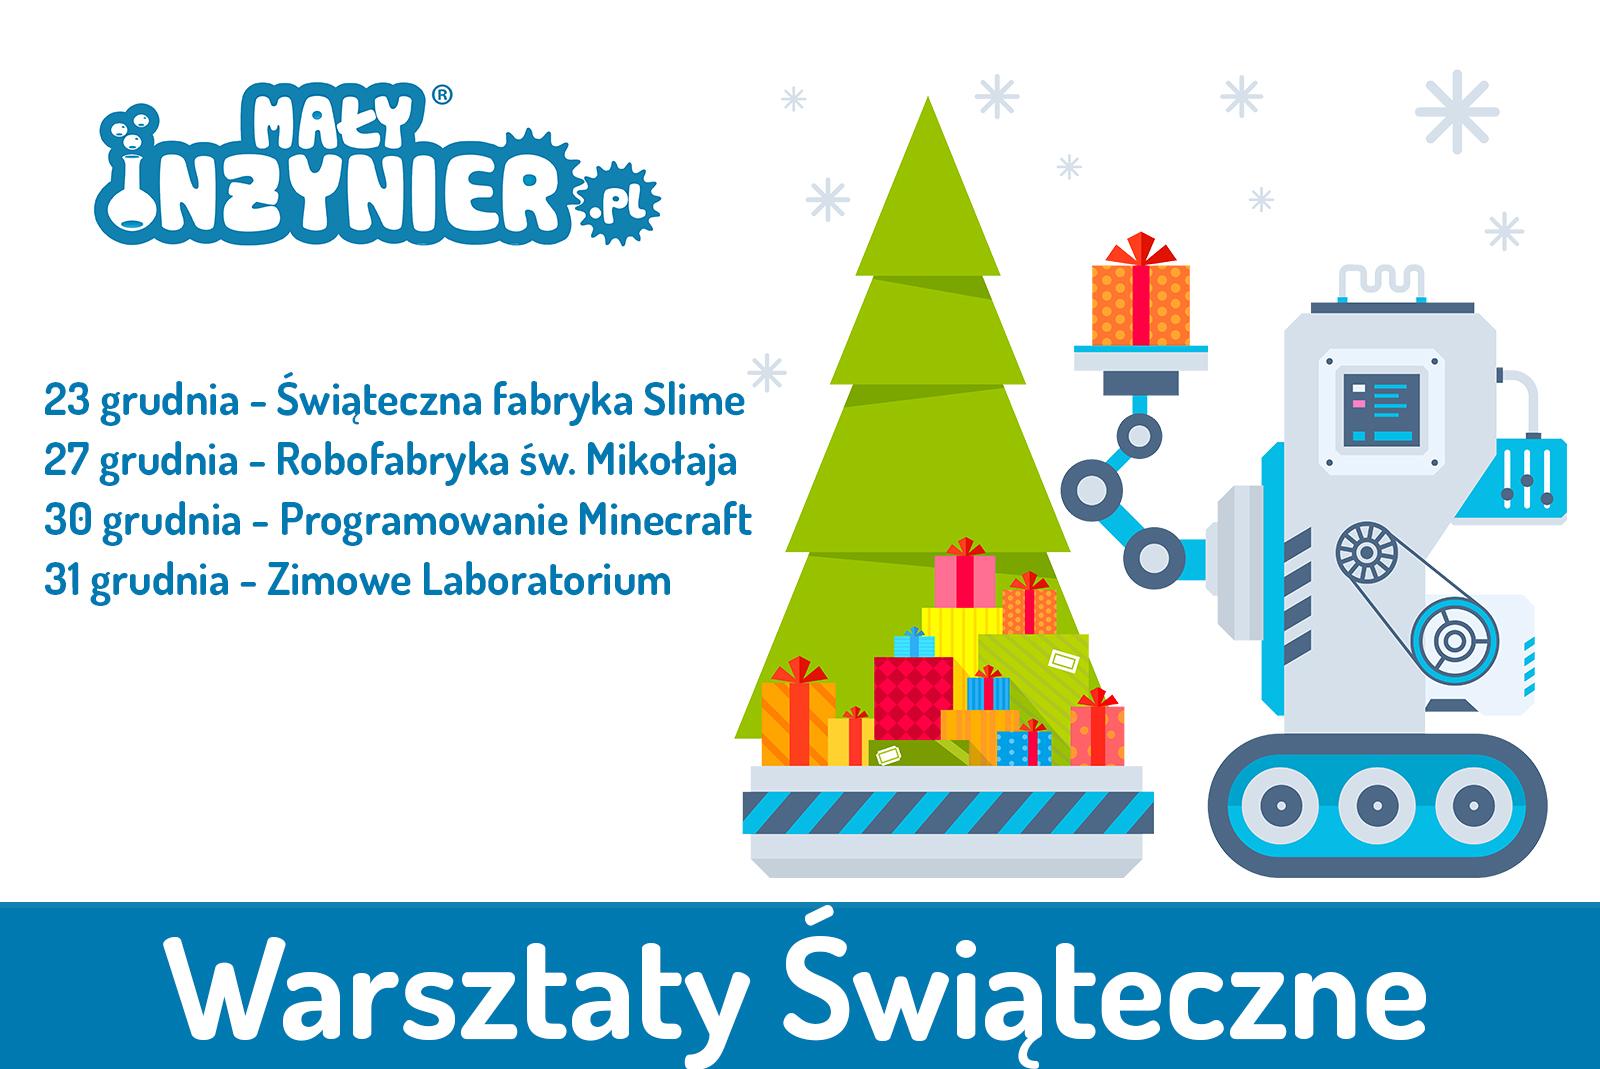 Warsztaty swiateczne 2019 naglowek Poznan